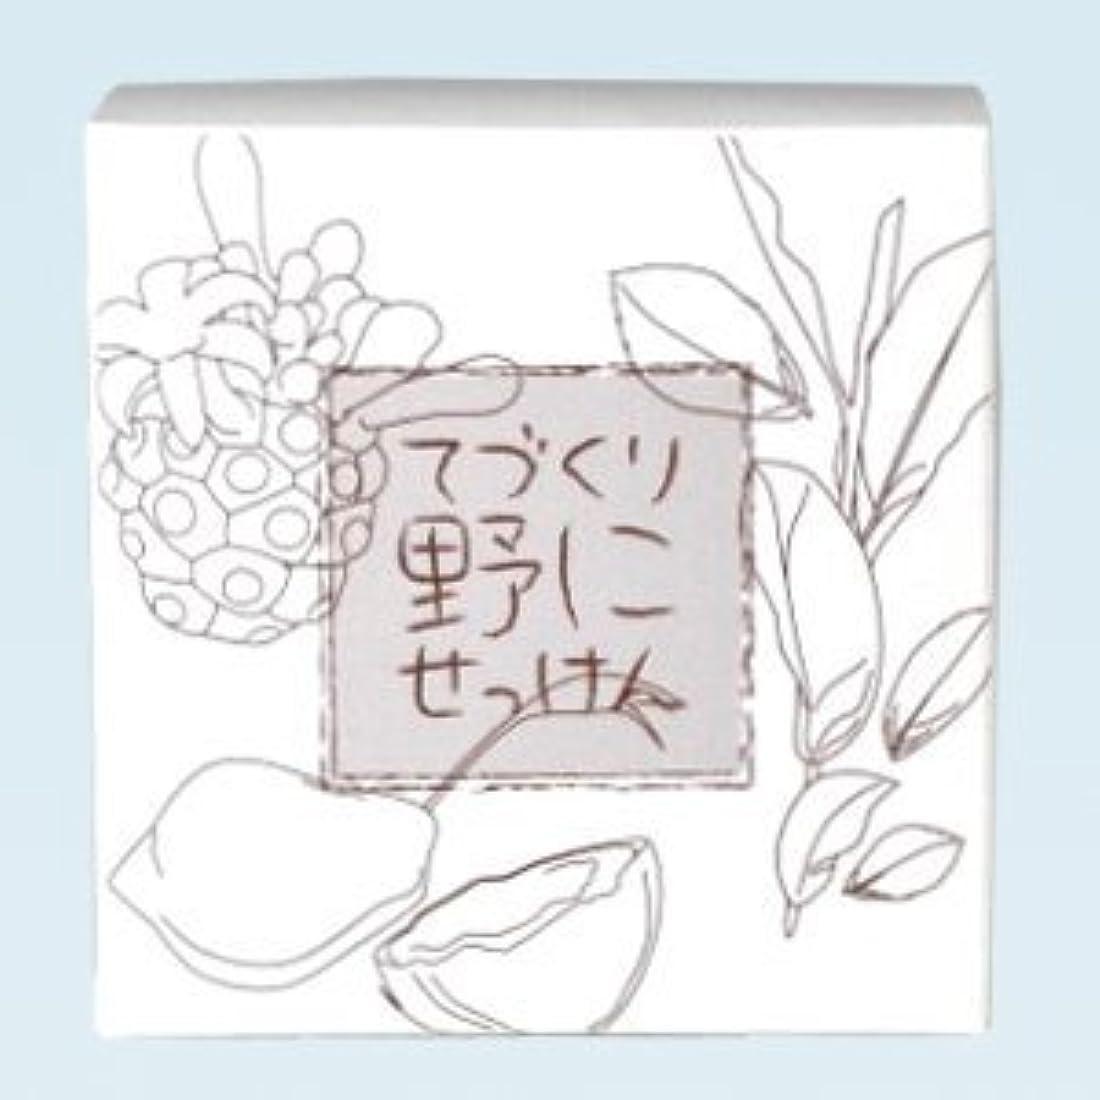 オーガニックスロットフォアタイプ緑茶 ノニ石鹸 てづくり野にせっけん(115g)